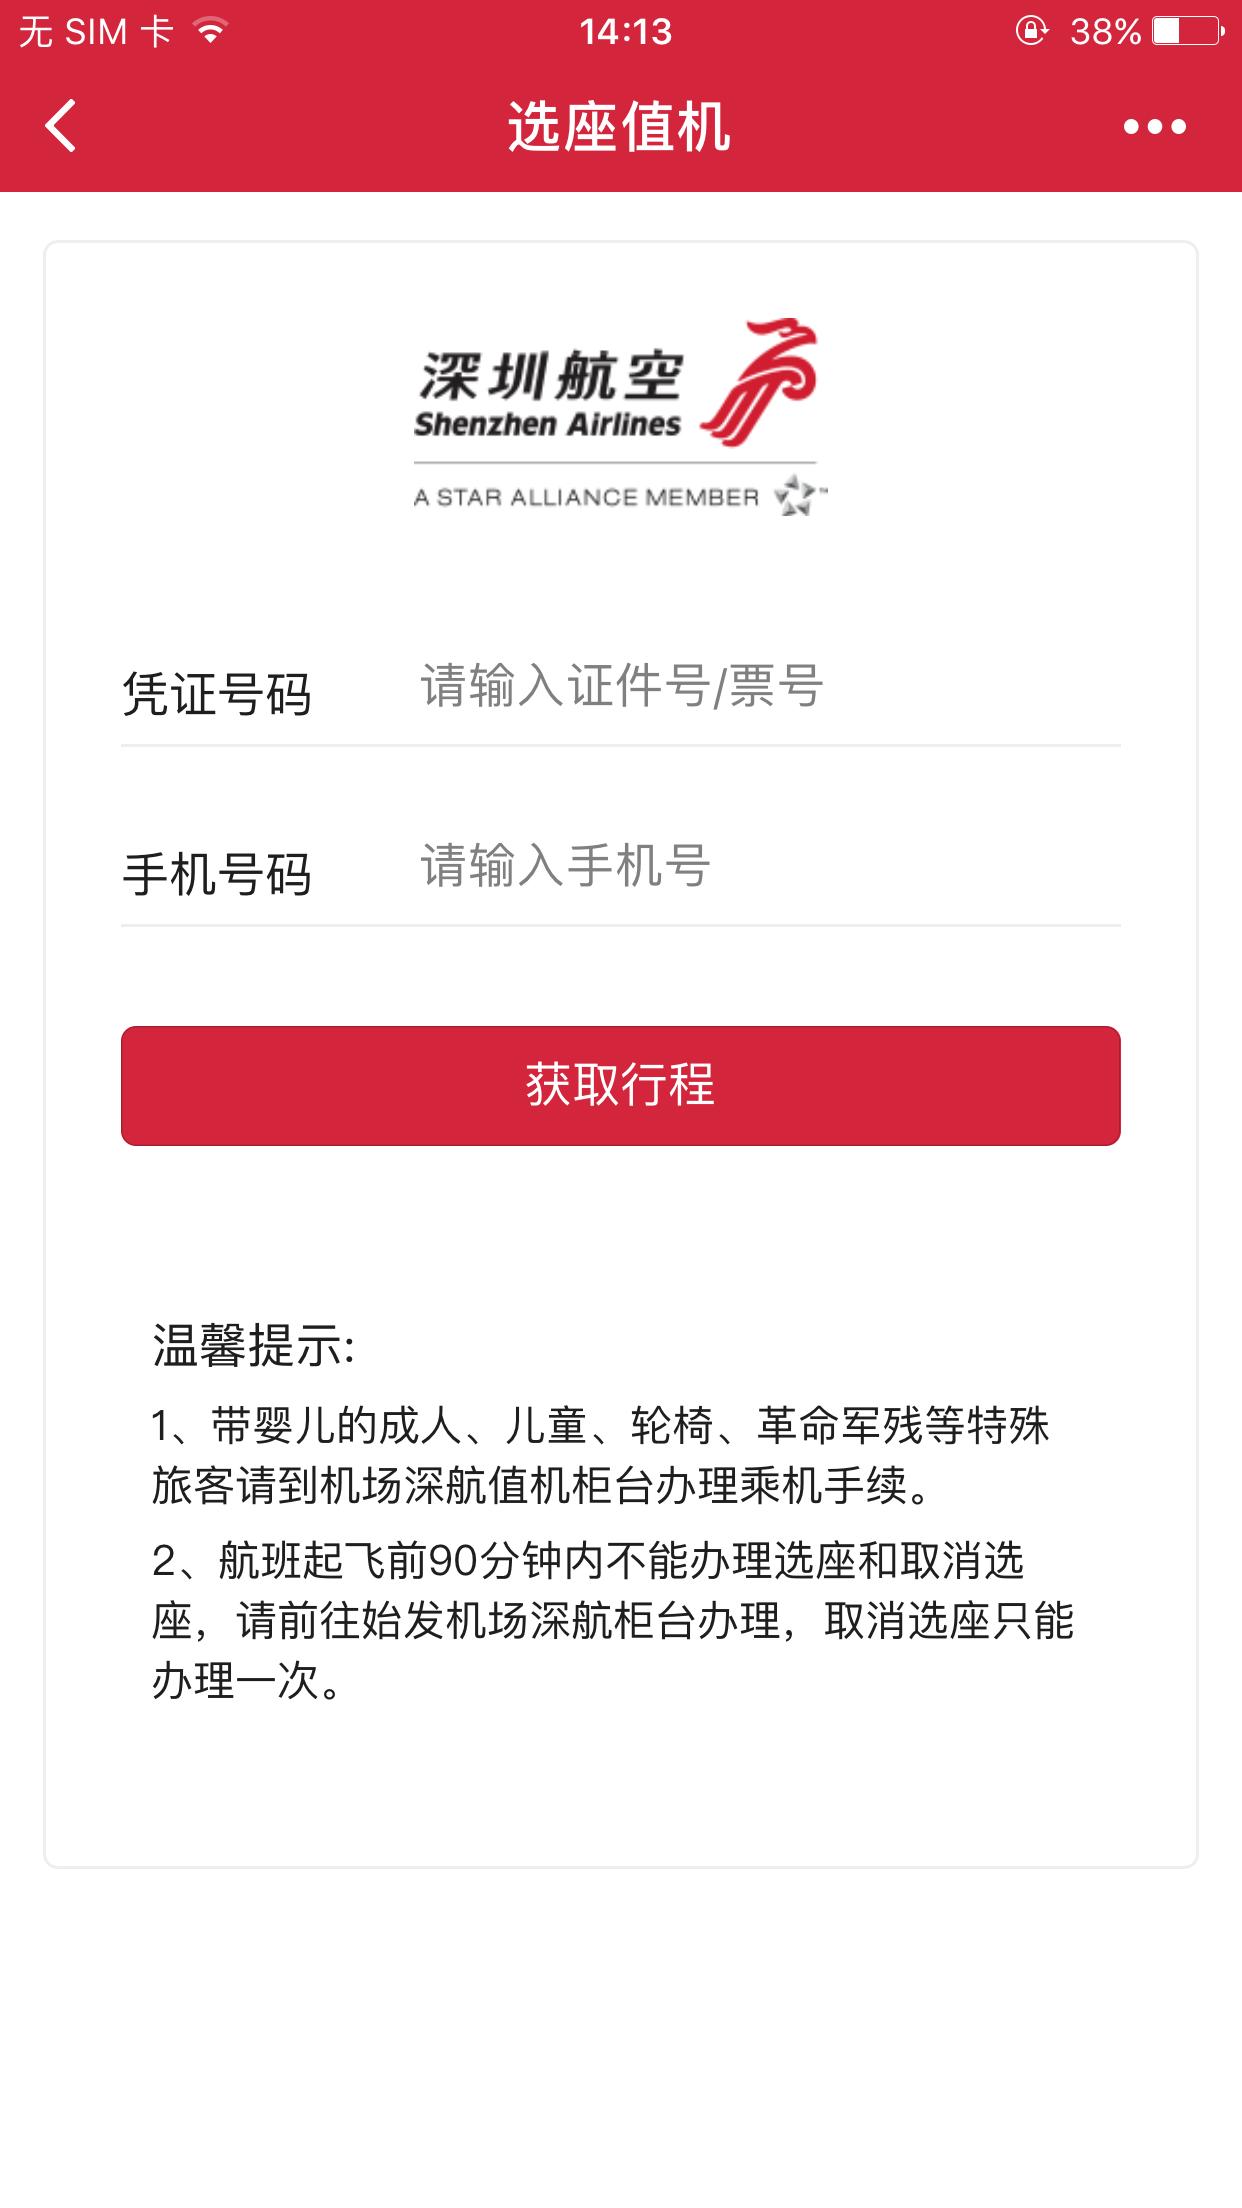 深圳航空小助手小程序